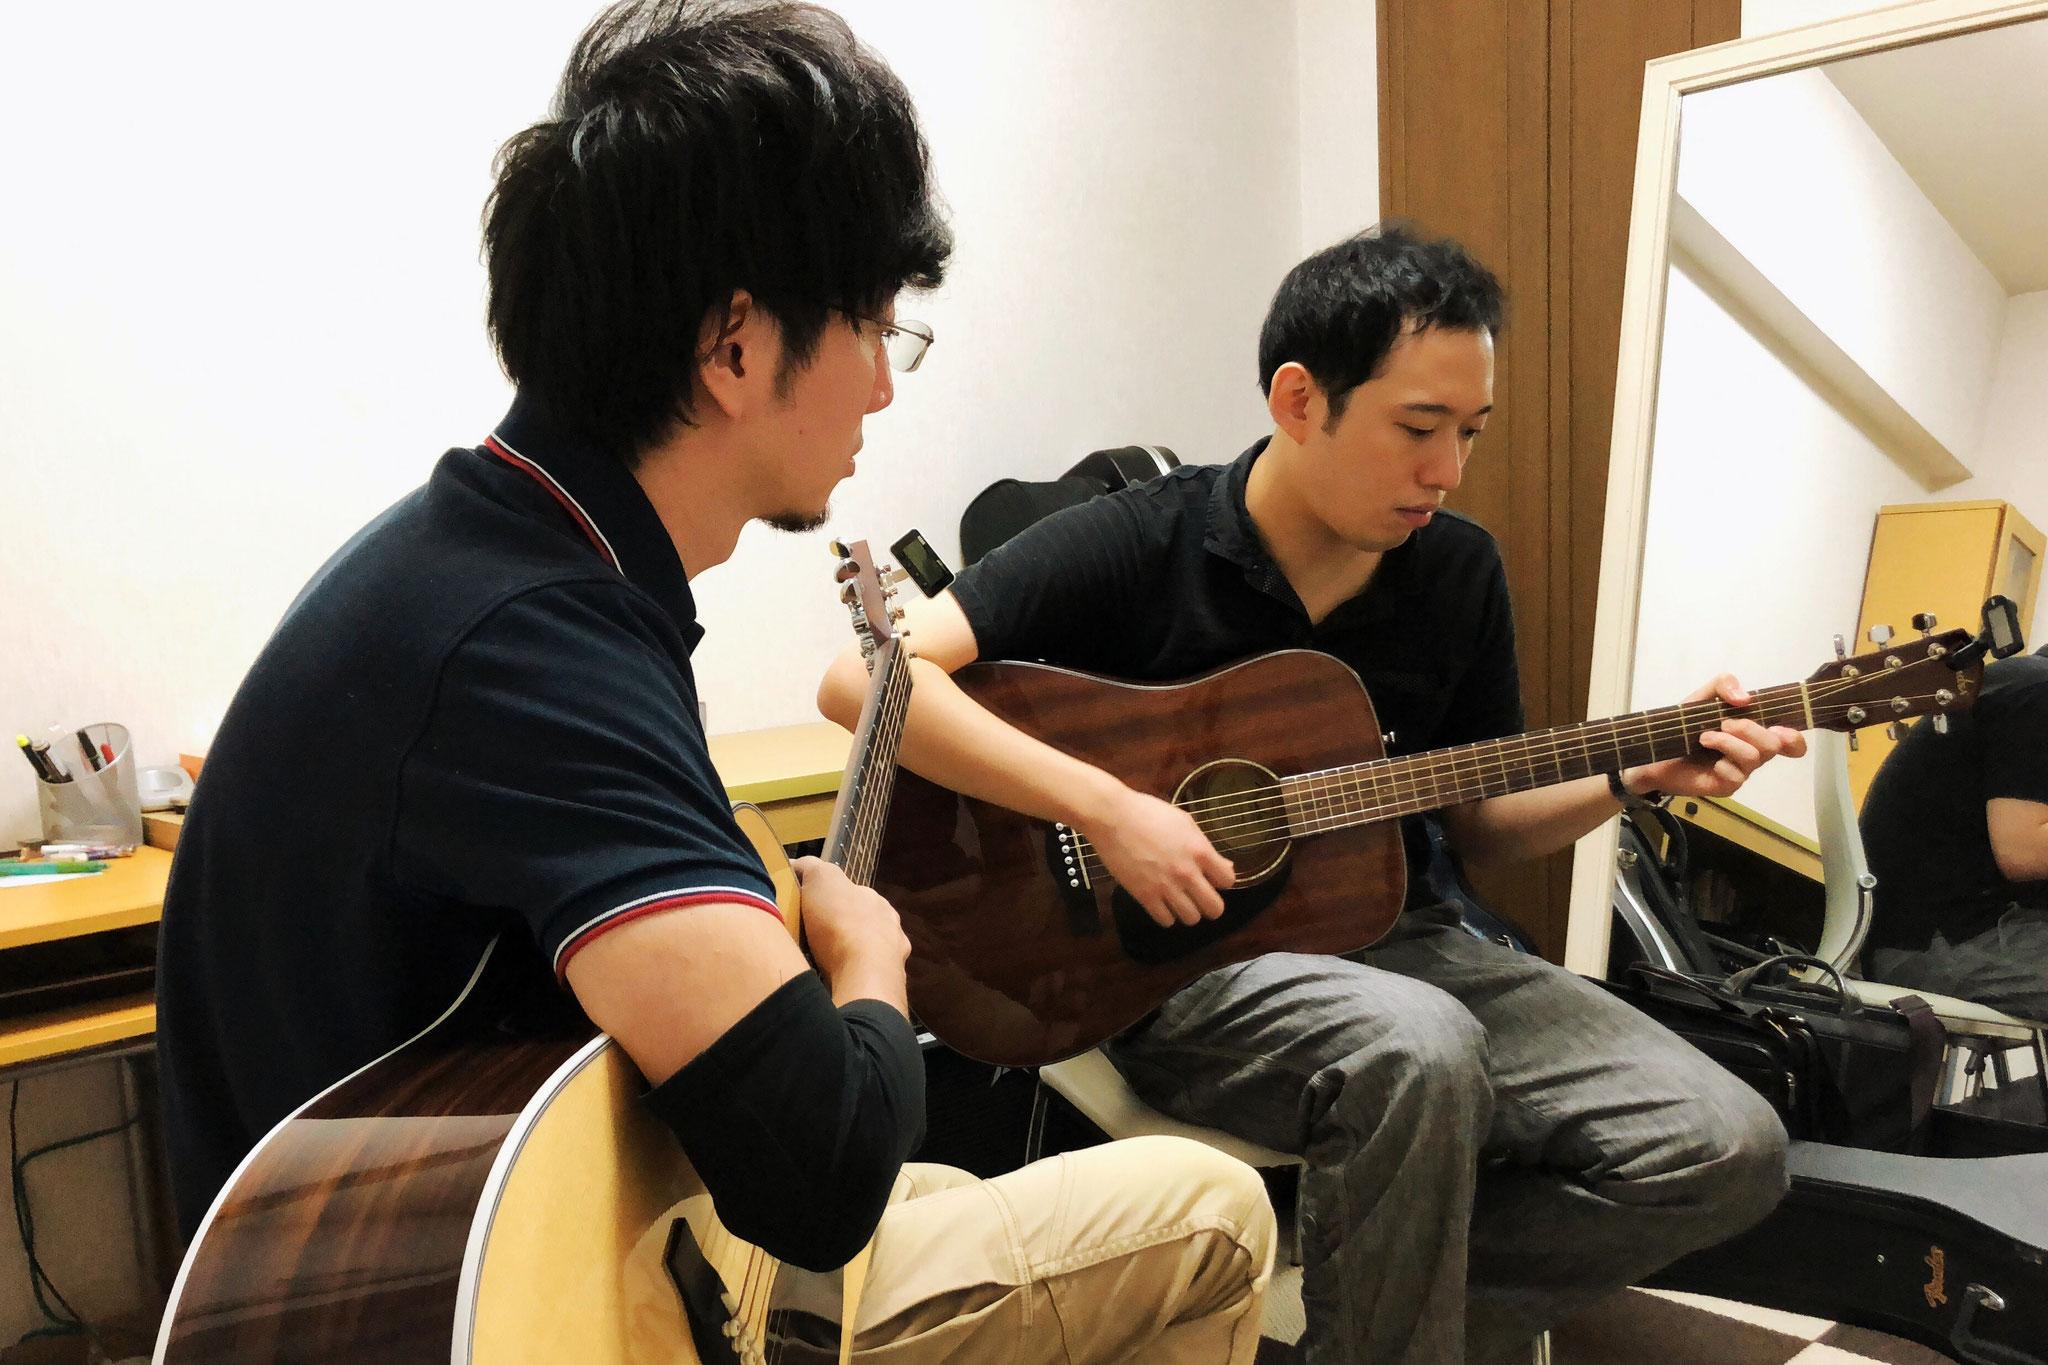 アコースティックギター ソロギターでジブリの曲を演奏中